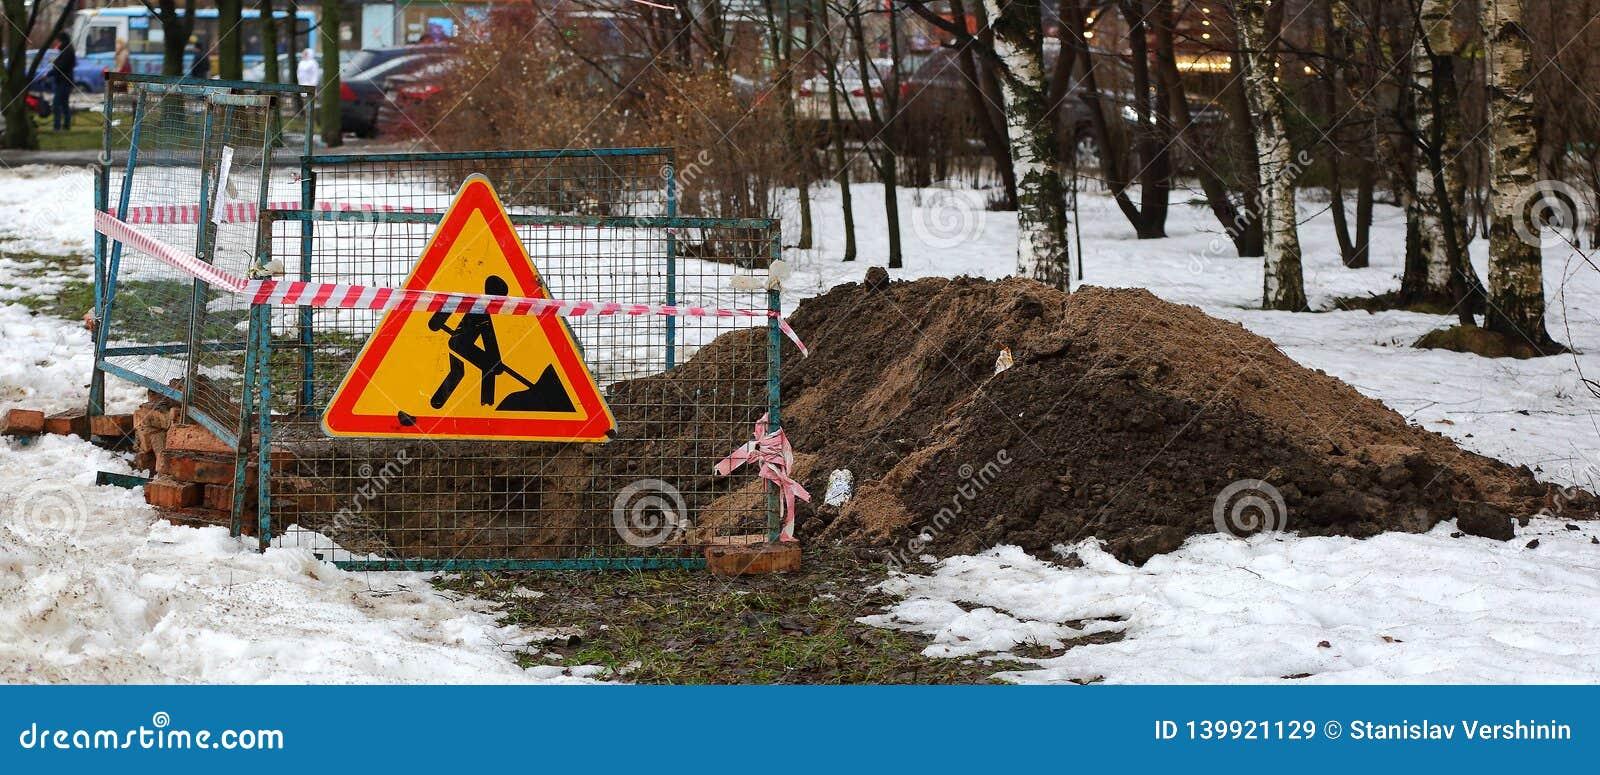 Gefochten und mit das Zeichen 'den Straßenarbeiten markiert der Arbeitsplatz Straßenarbeiten